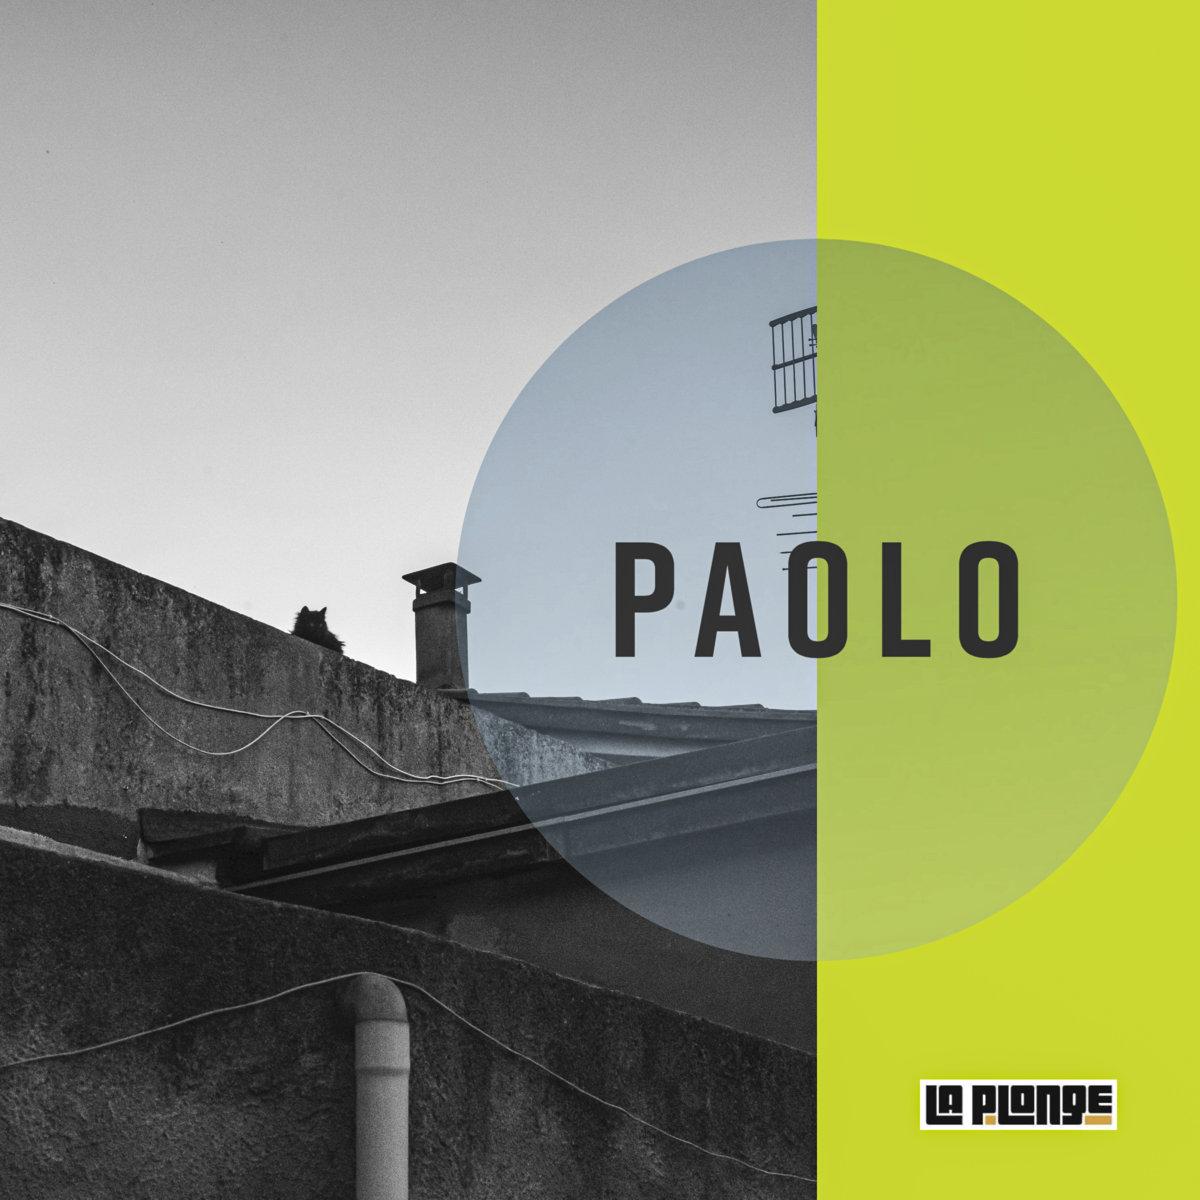 LaPlonge - Paolo - Officine Musicali - ascolti - singolo - 2021 - Sa Scena - 6 maggio 2021